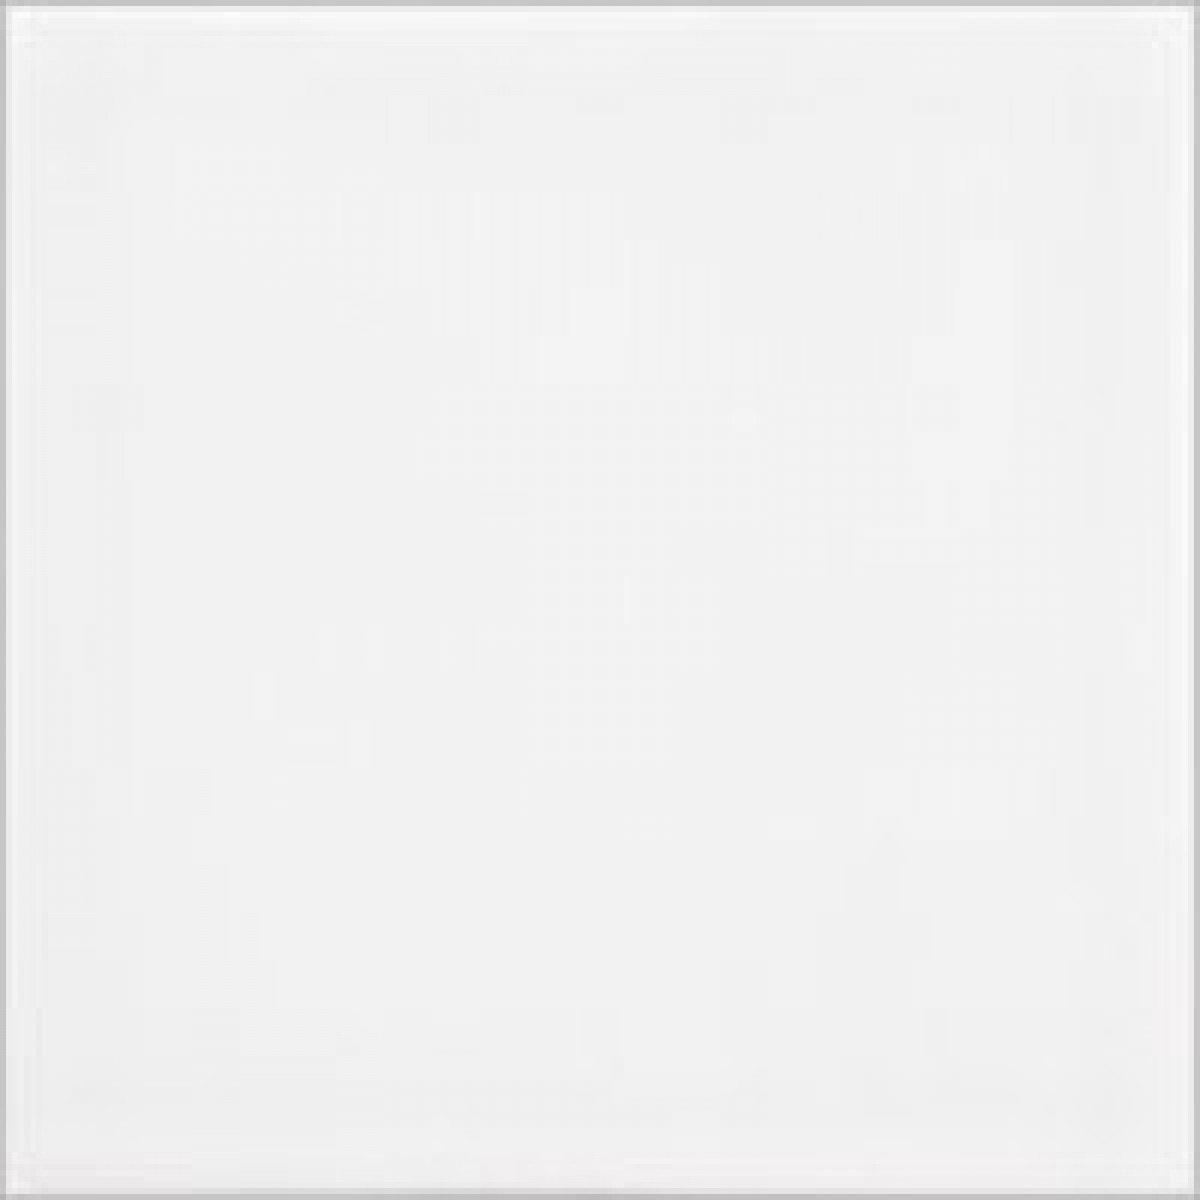 """Ceramic Tile / 4 x 4 x 0.25 inches / Glossy 4"""" X 4"""" Ceramic Tile In Bright Glossy White 0"""